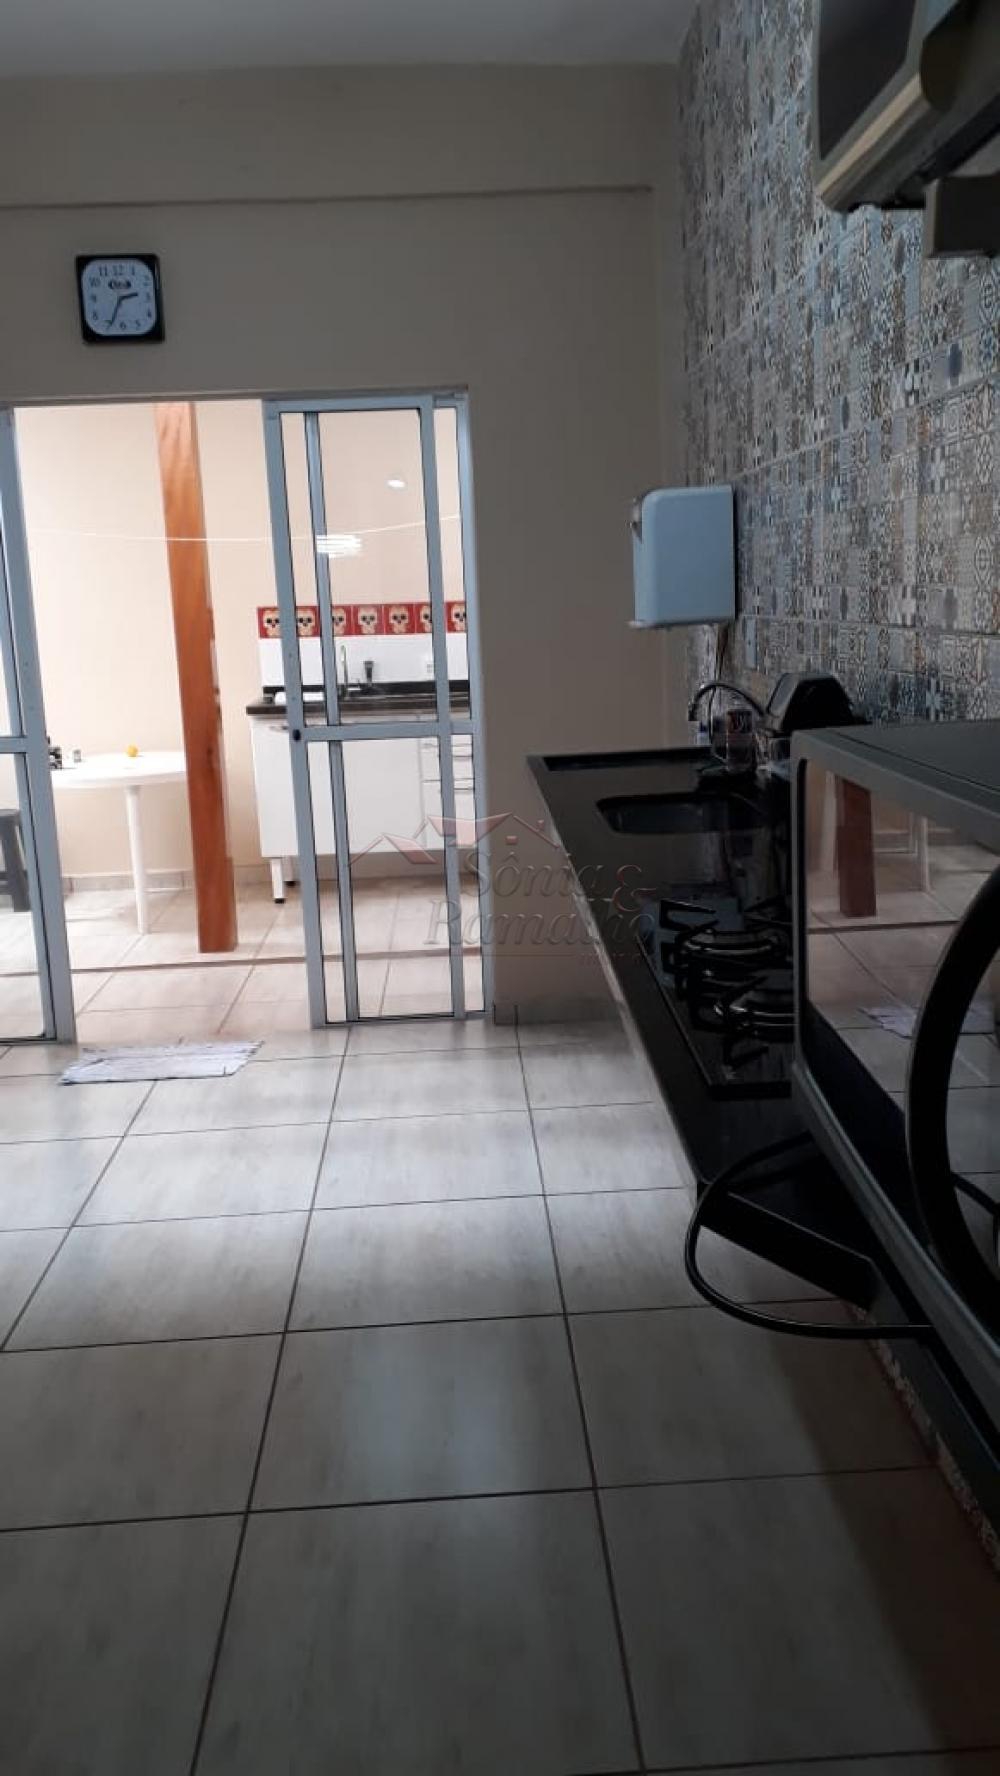 Comprar Casas / Padrão em Ribeirão Preto apenas R$ 265.000,00 - Foto 30